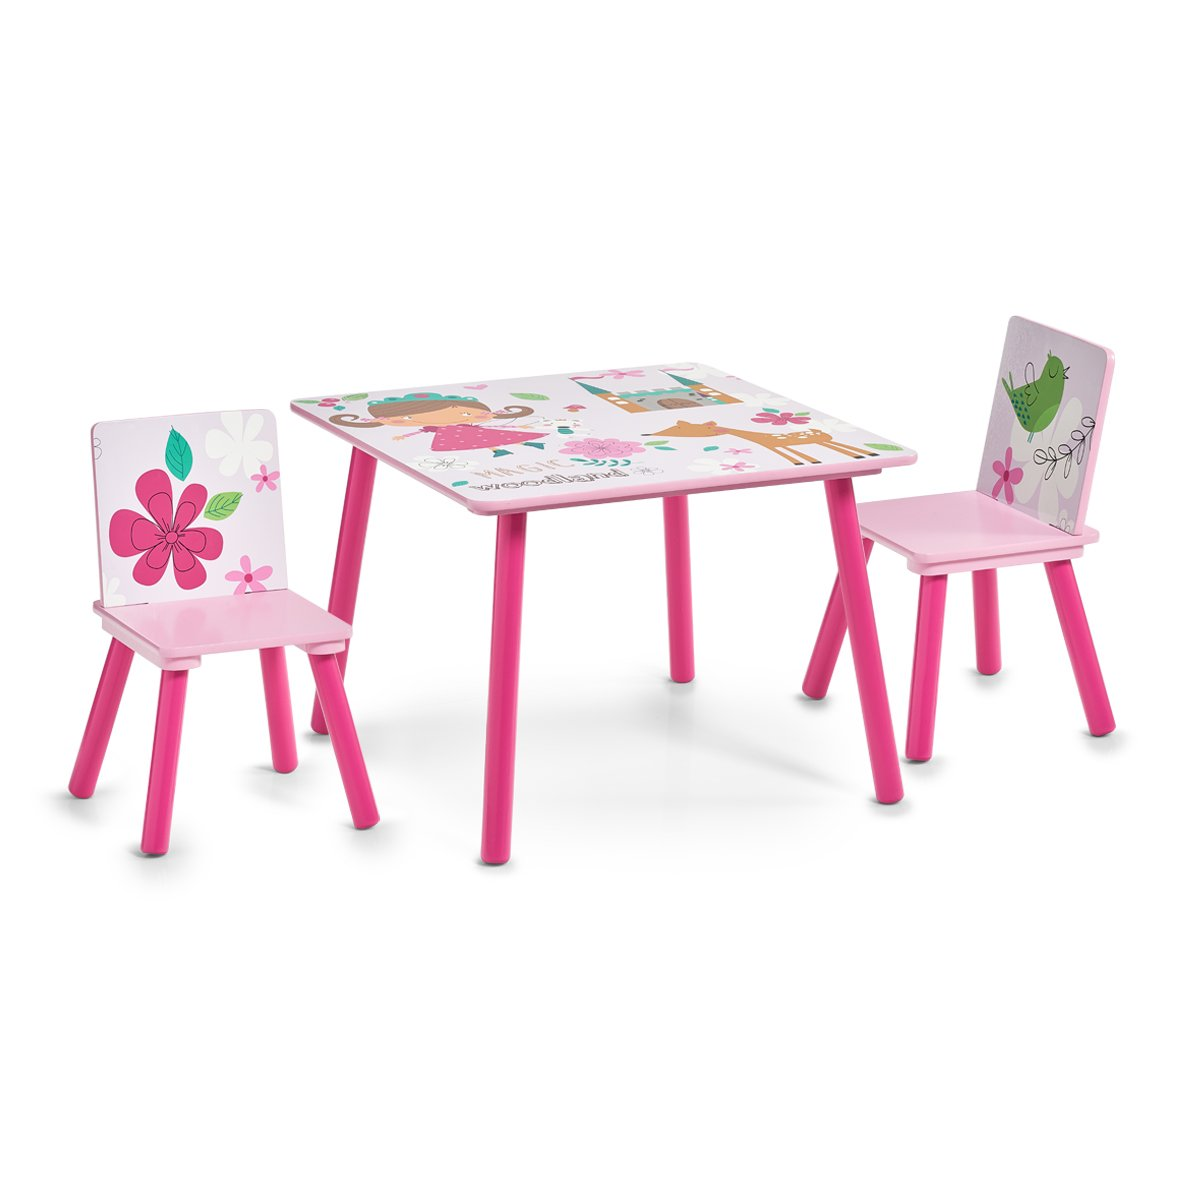 Zeller 13491 Kinder-Sitzgarnitur Girly, MDF, Dekor ZELNG